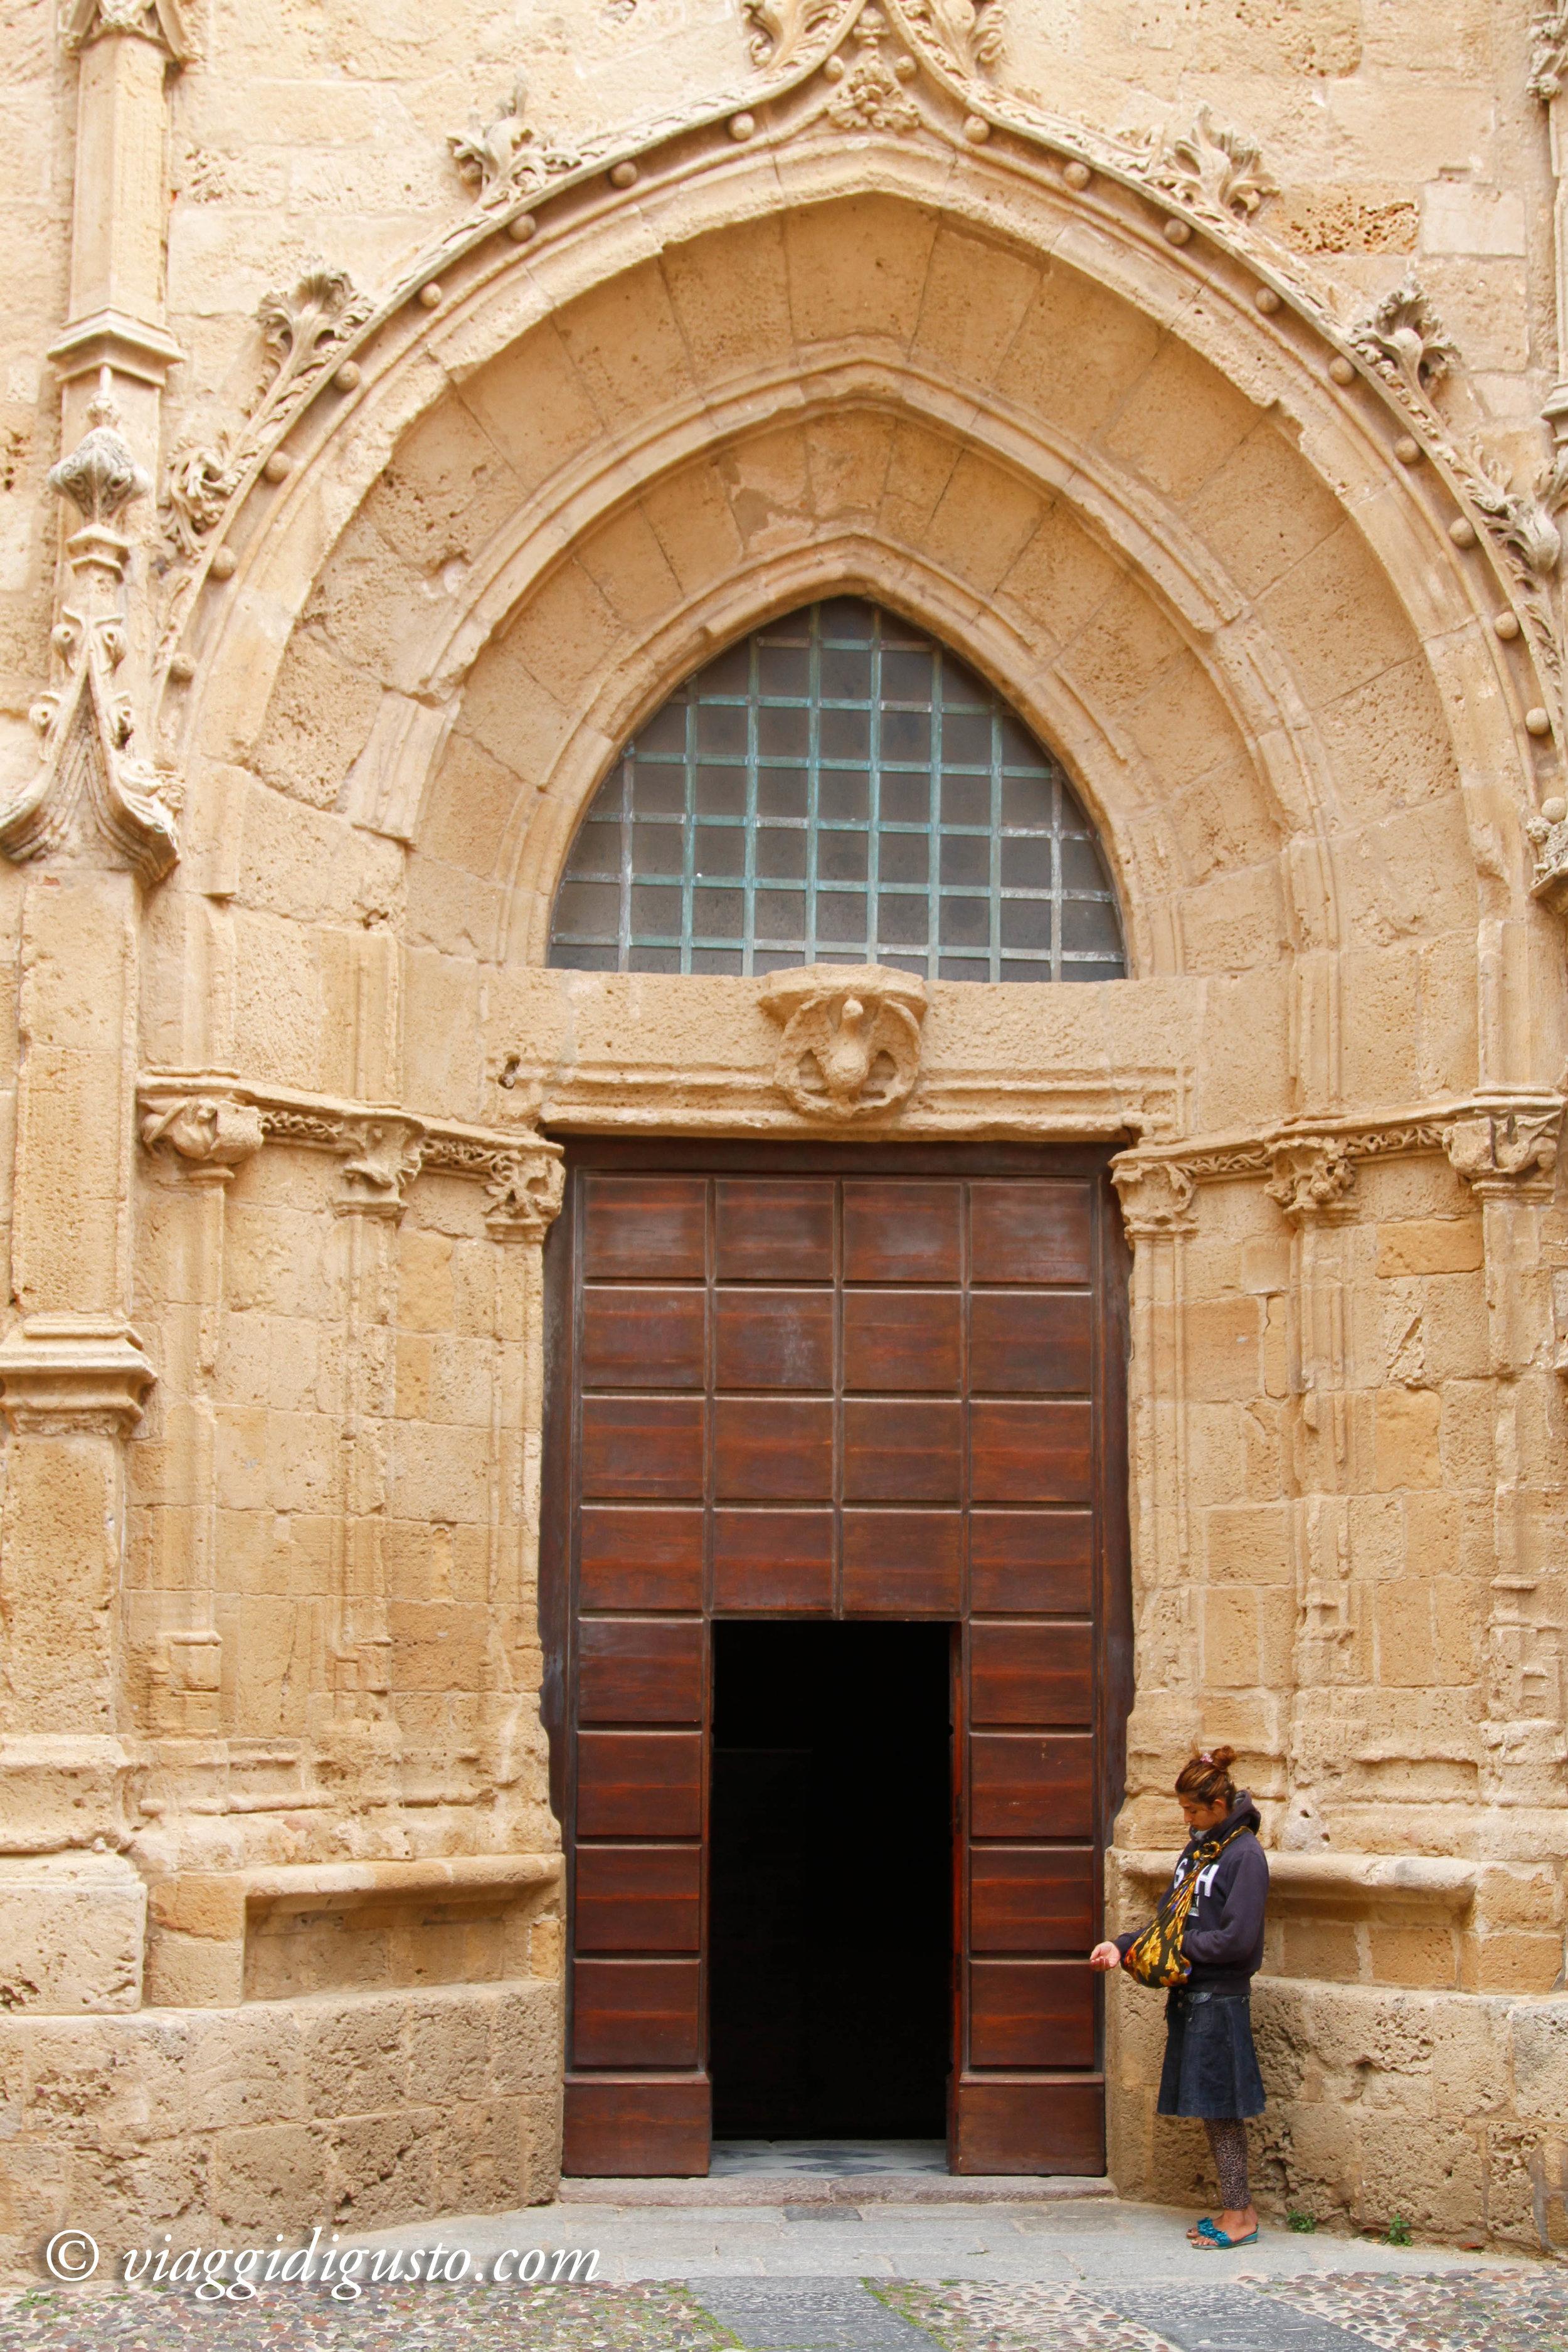 sardinia_alghero_2014_703.jpg